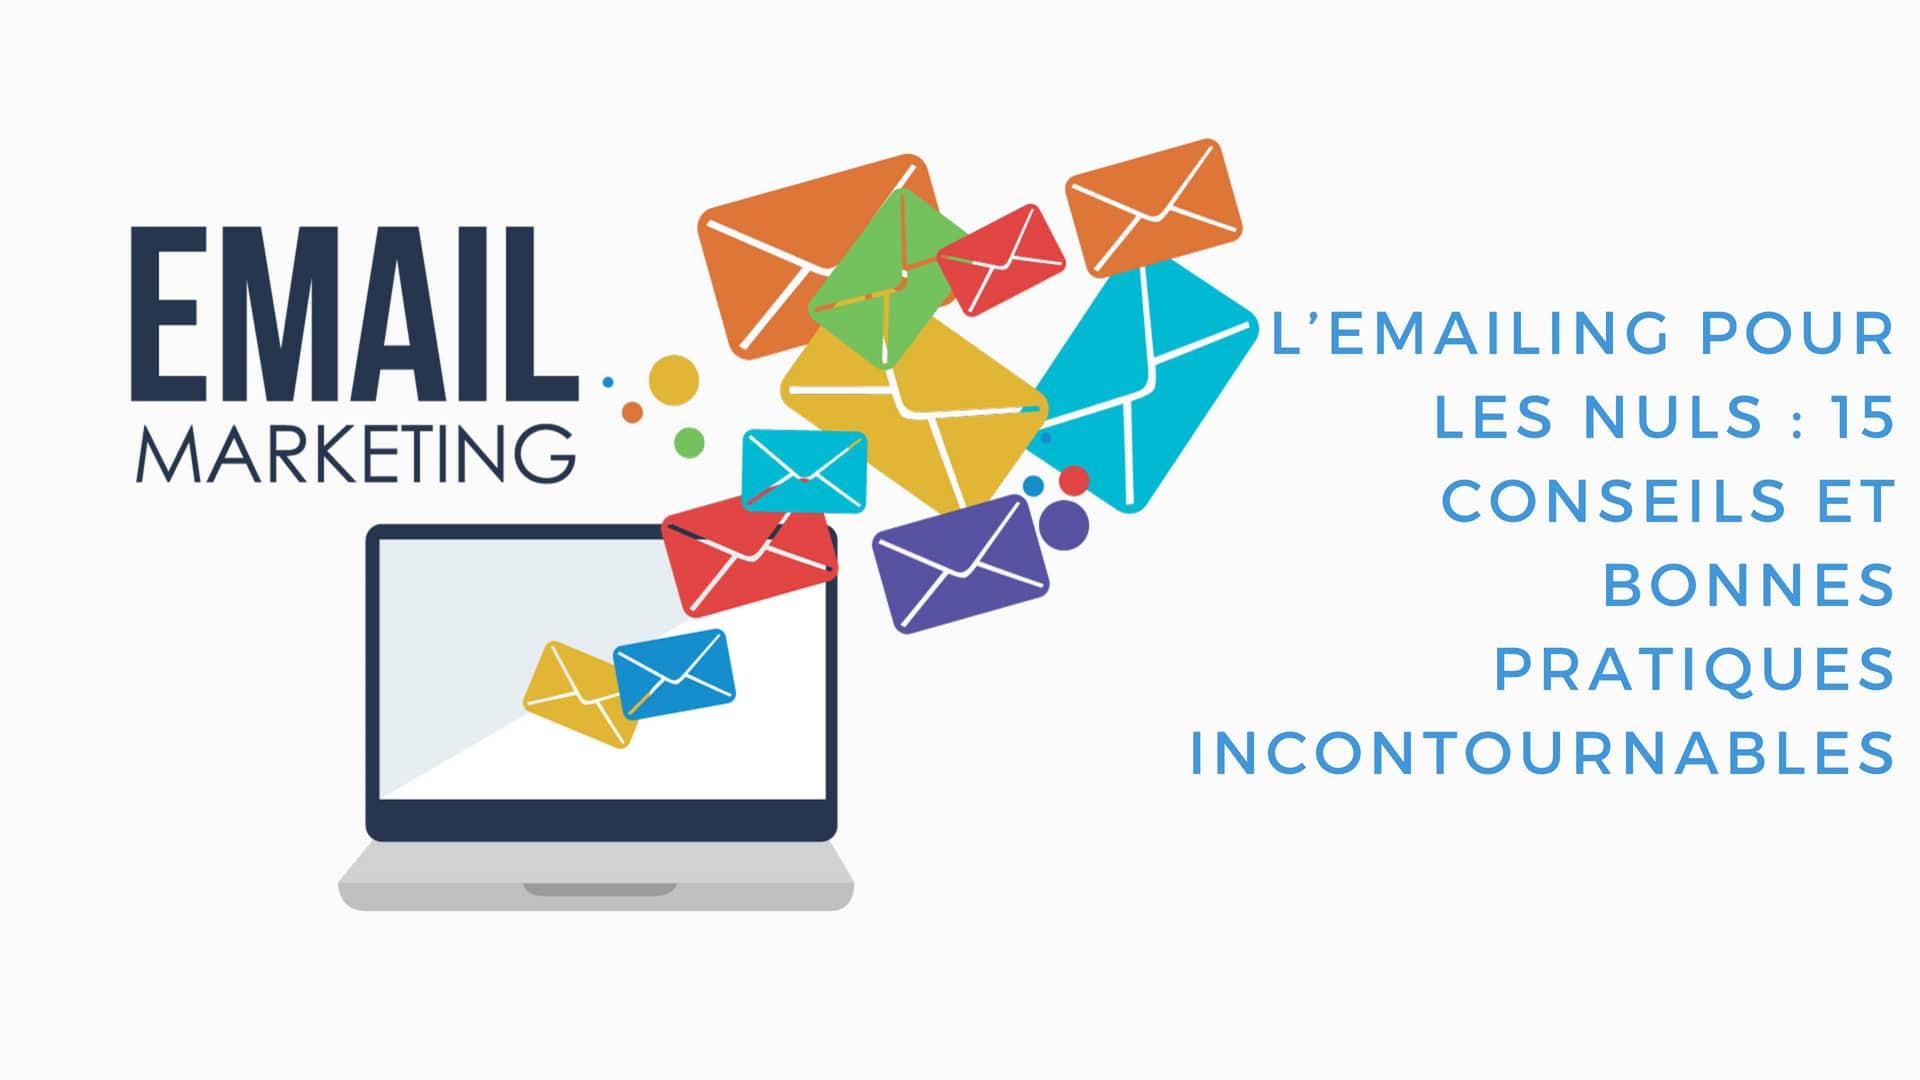 L'emailing pour les nuls : 15 conseils et bonnes pratiques incontournables